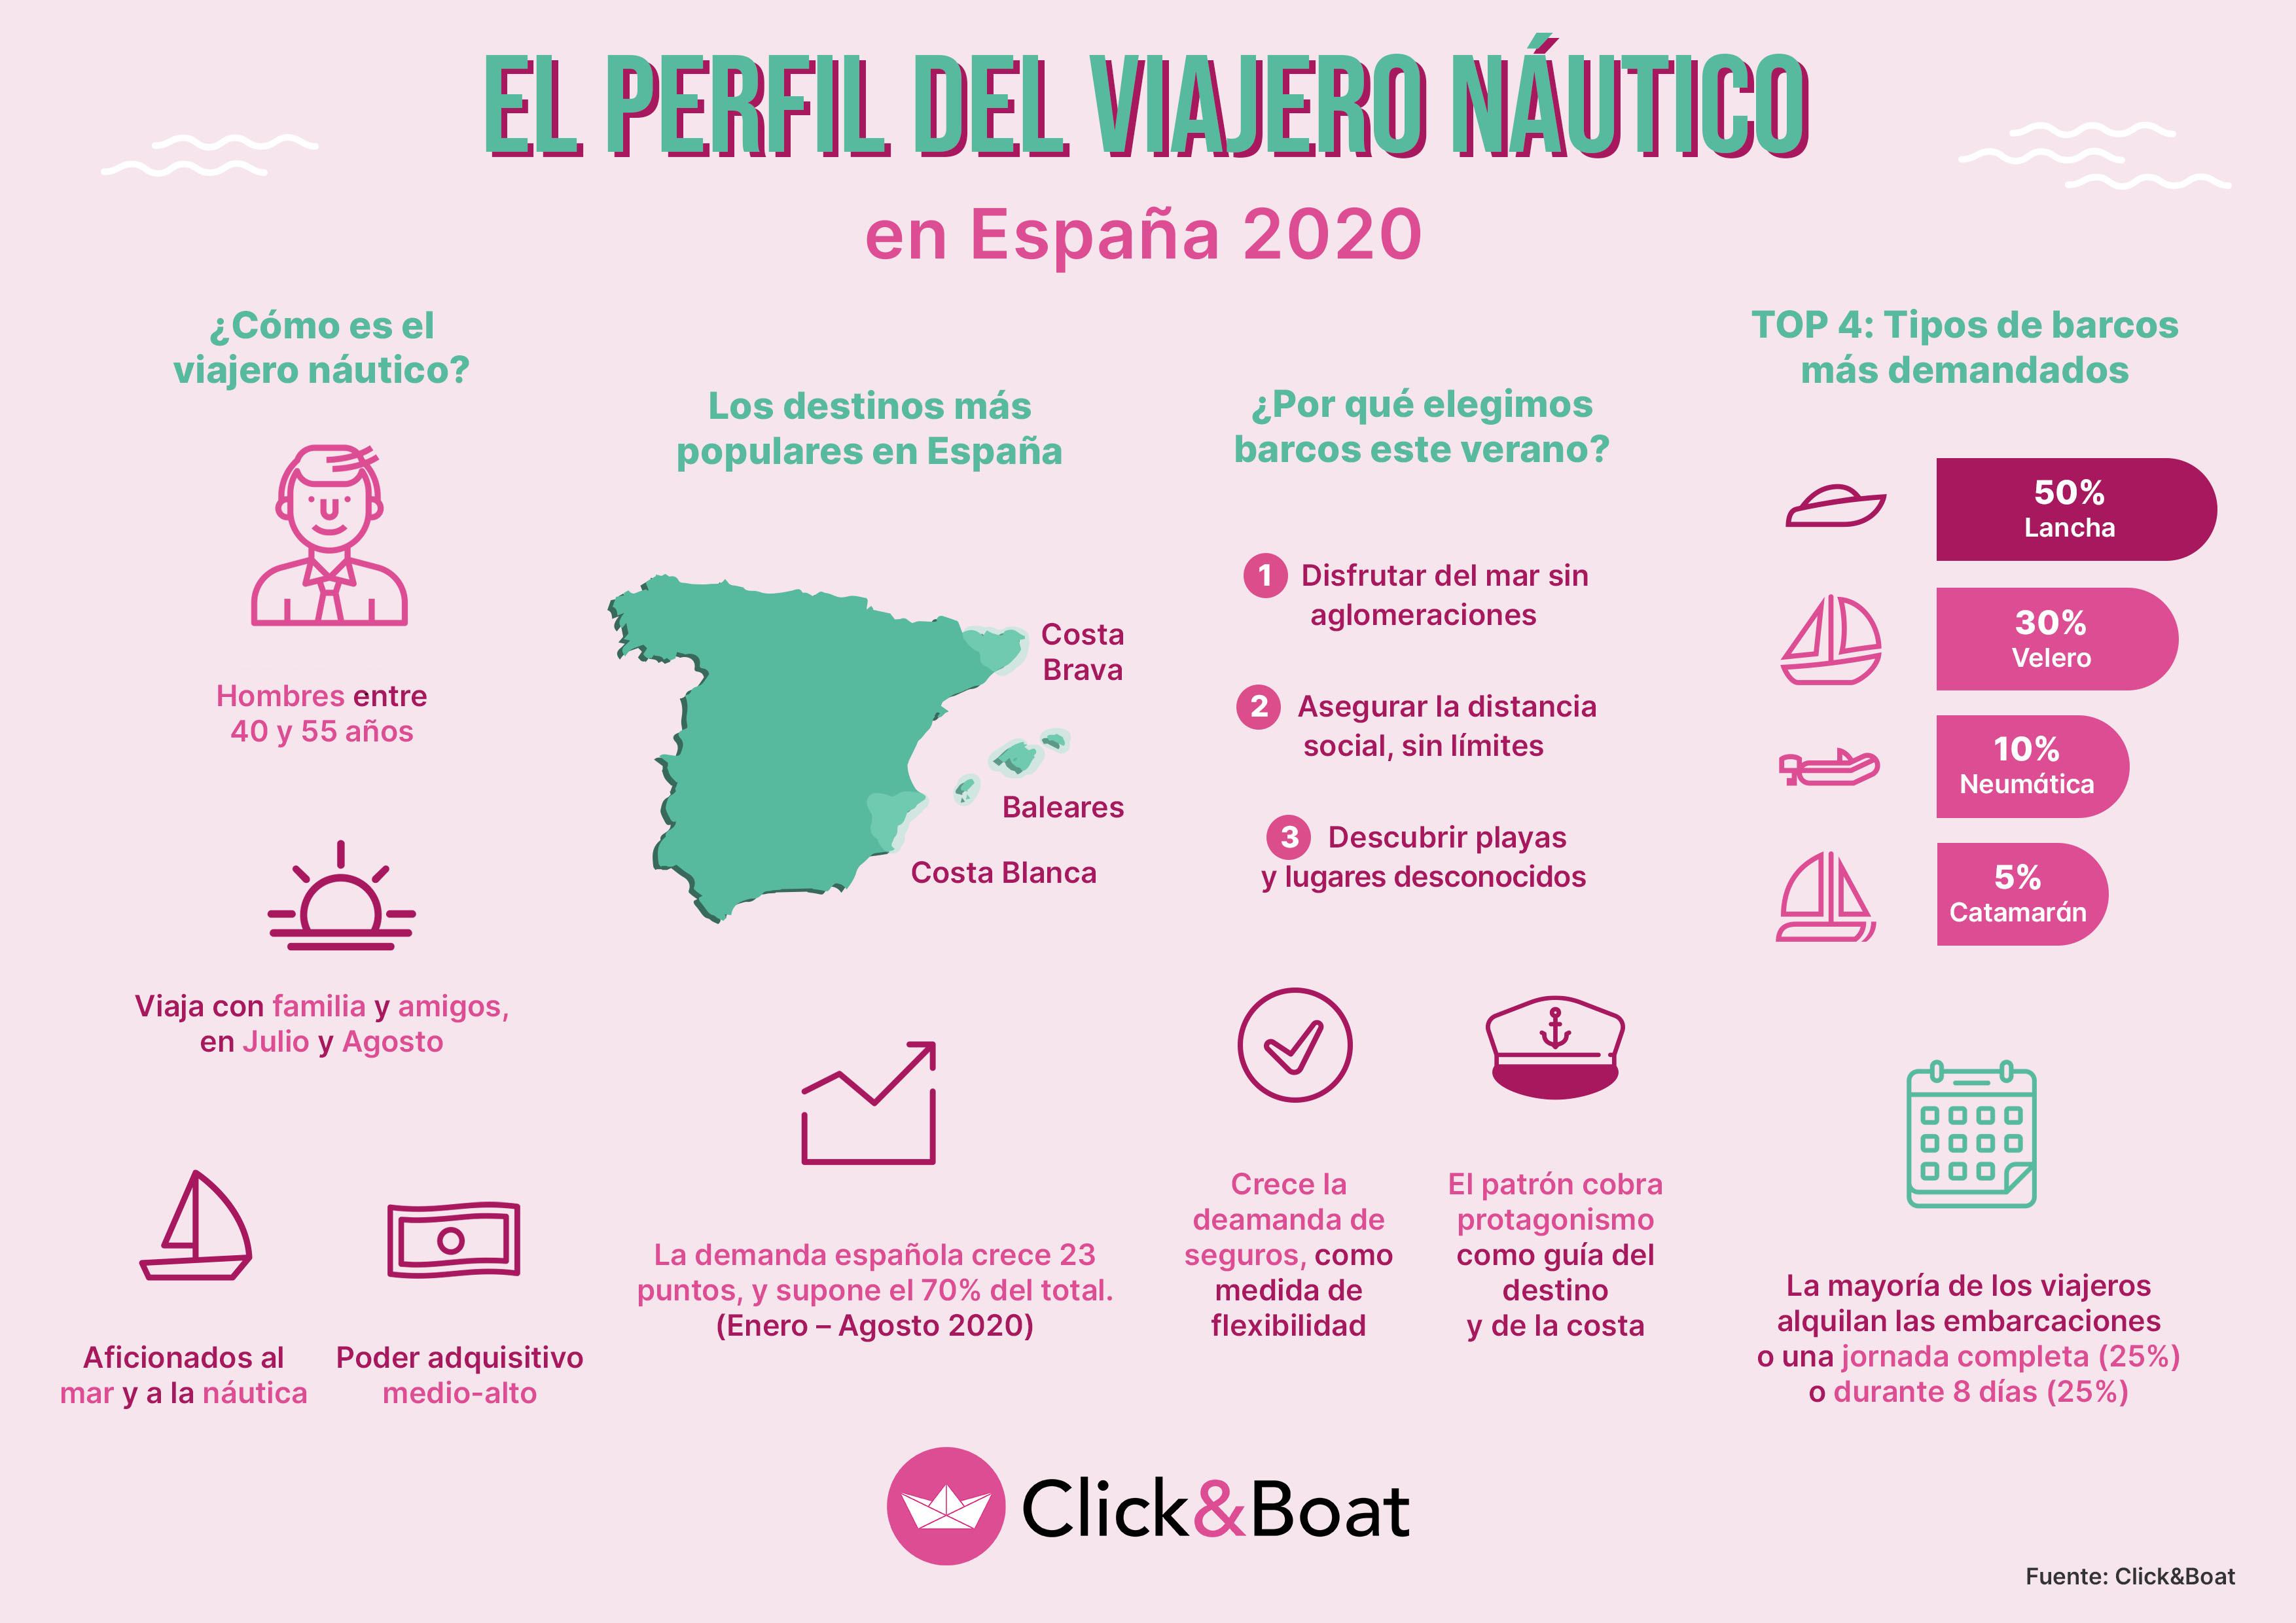 Los viajeros españoles apuestan este verano por el turismo náutico, en velero con familia y amigos